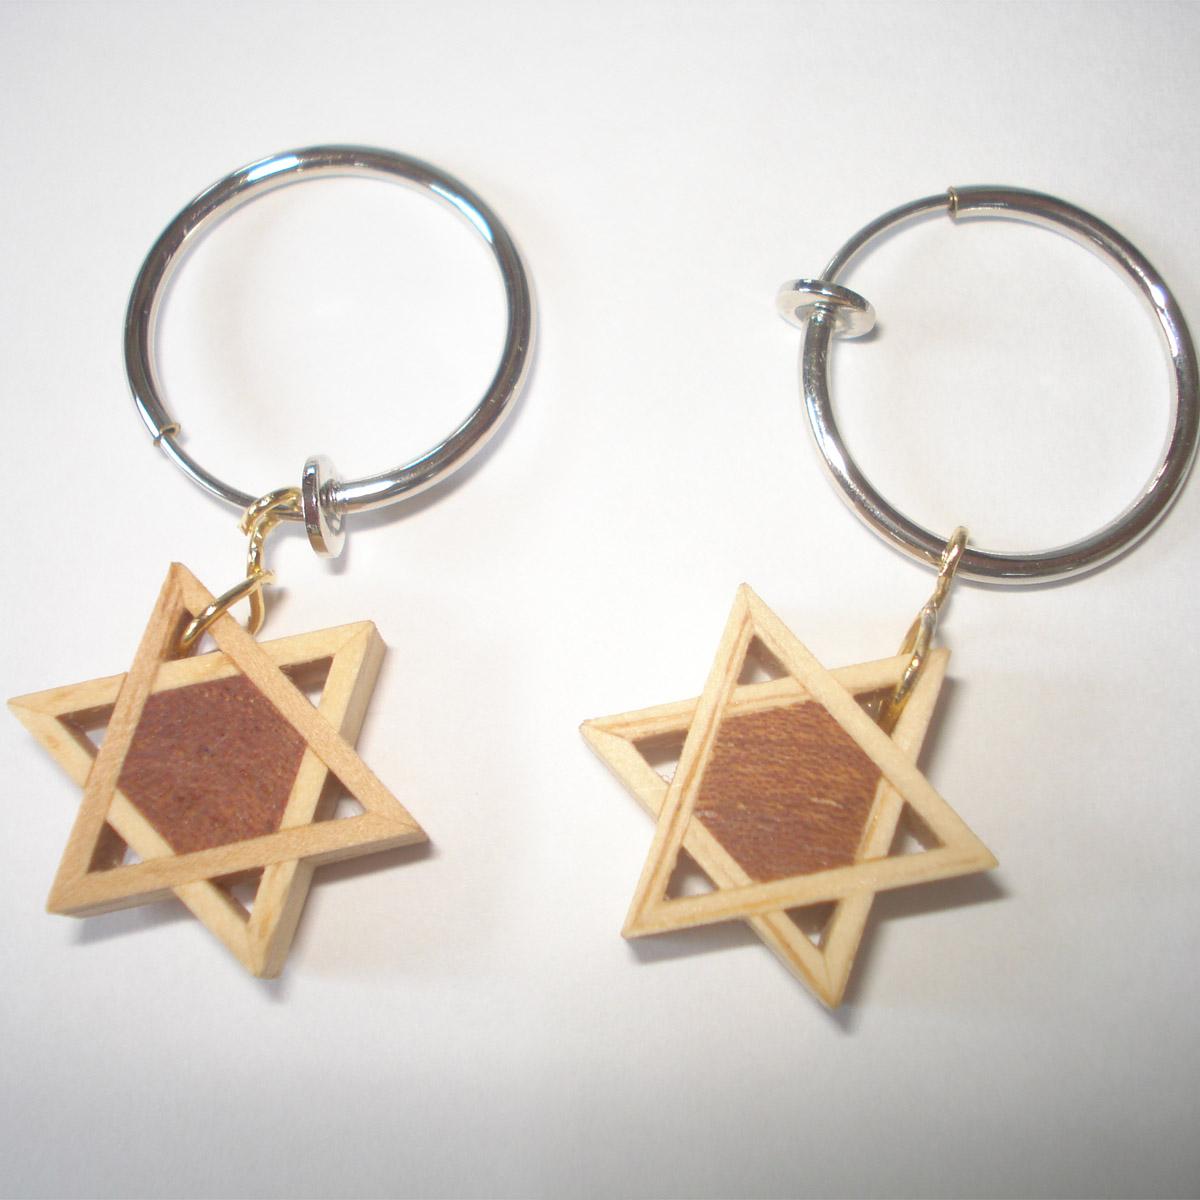 【ふるさと納税】建具の組子で作った星形のイヤリングですヘキサグラム イヤリング20mm プレゼント ギフト 女性 六芒星 木製 ケヤキ 個性的